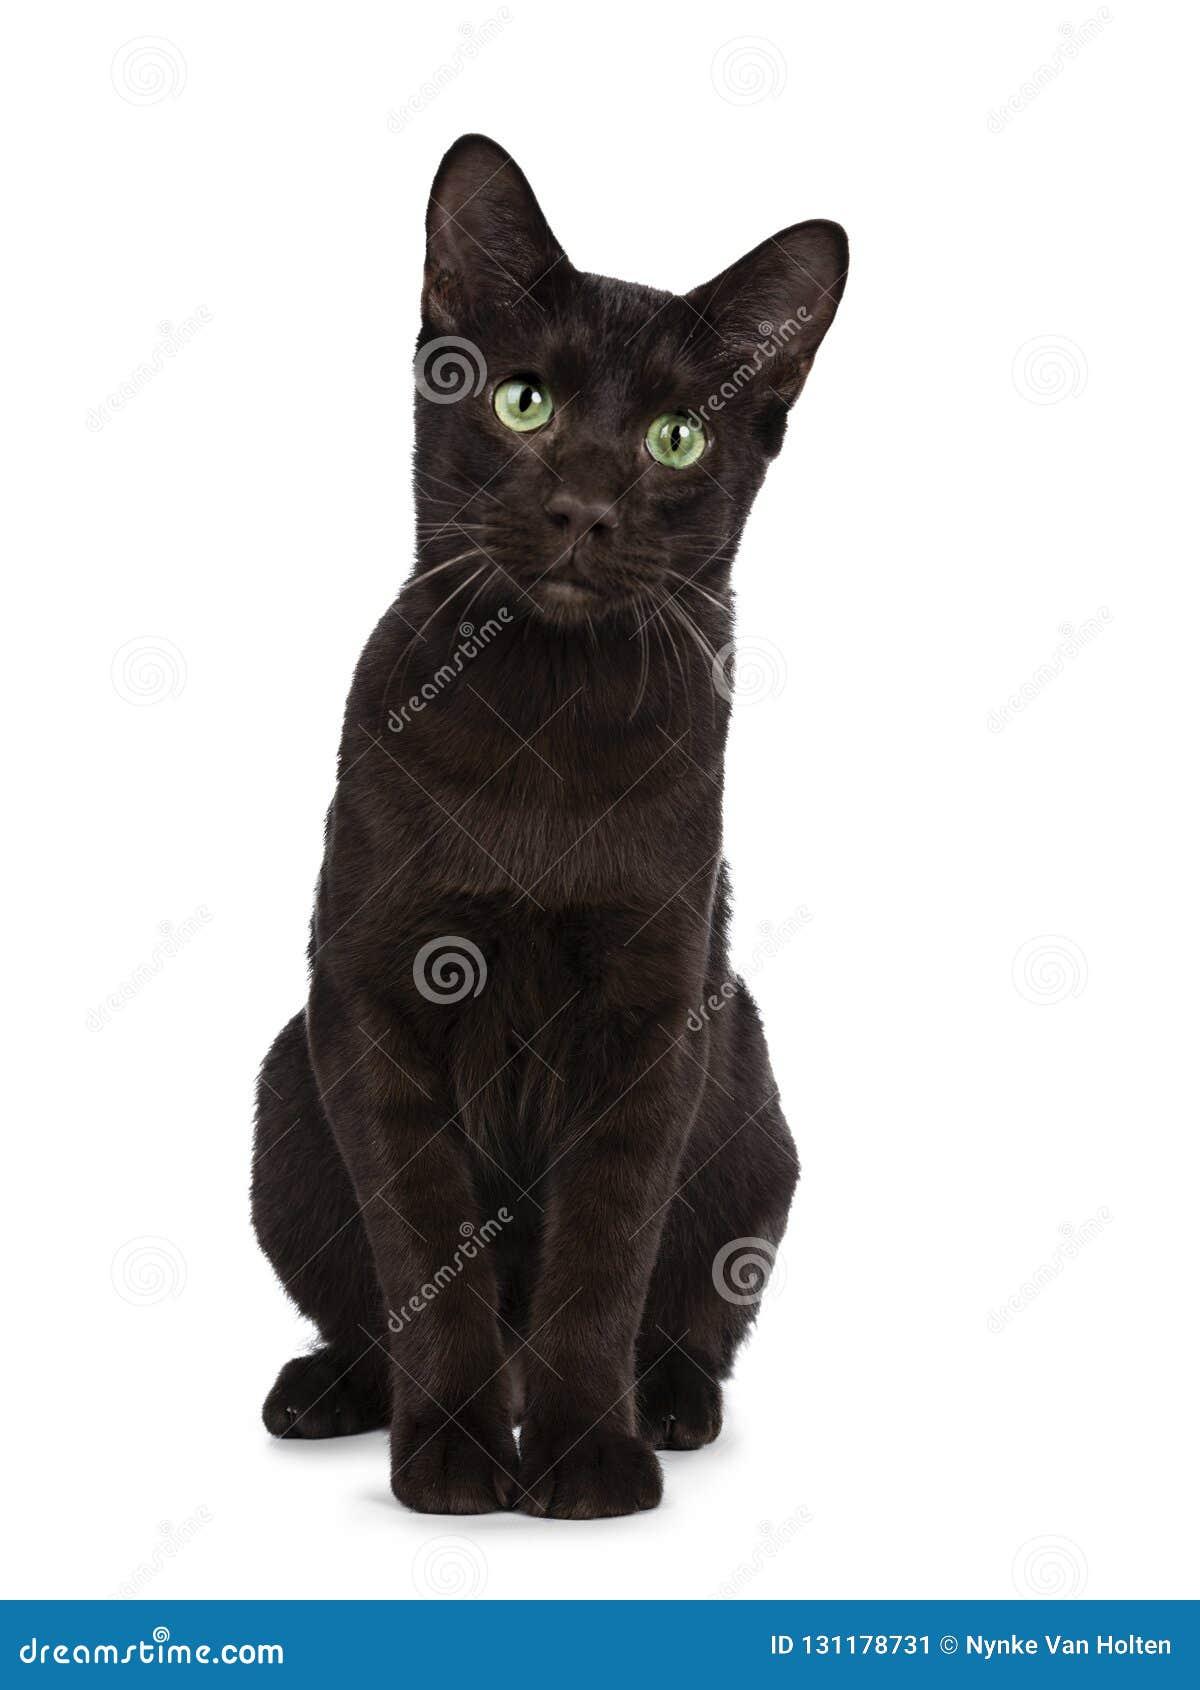 Jong volwassen die Havana Brown-kattenkatje, op een witte achtergrond wordt geïsoleerd